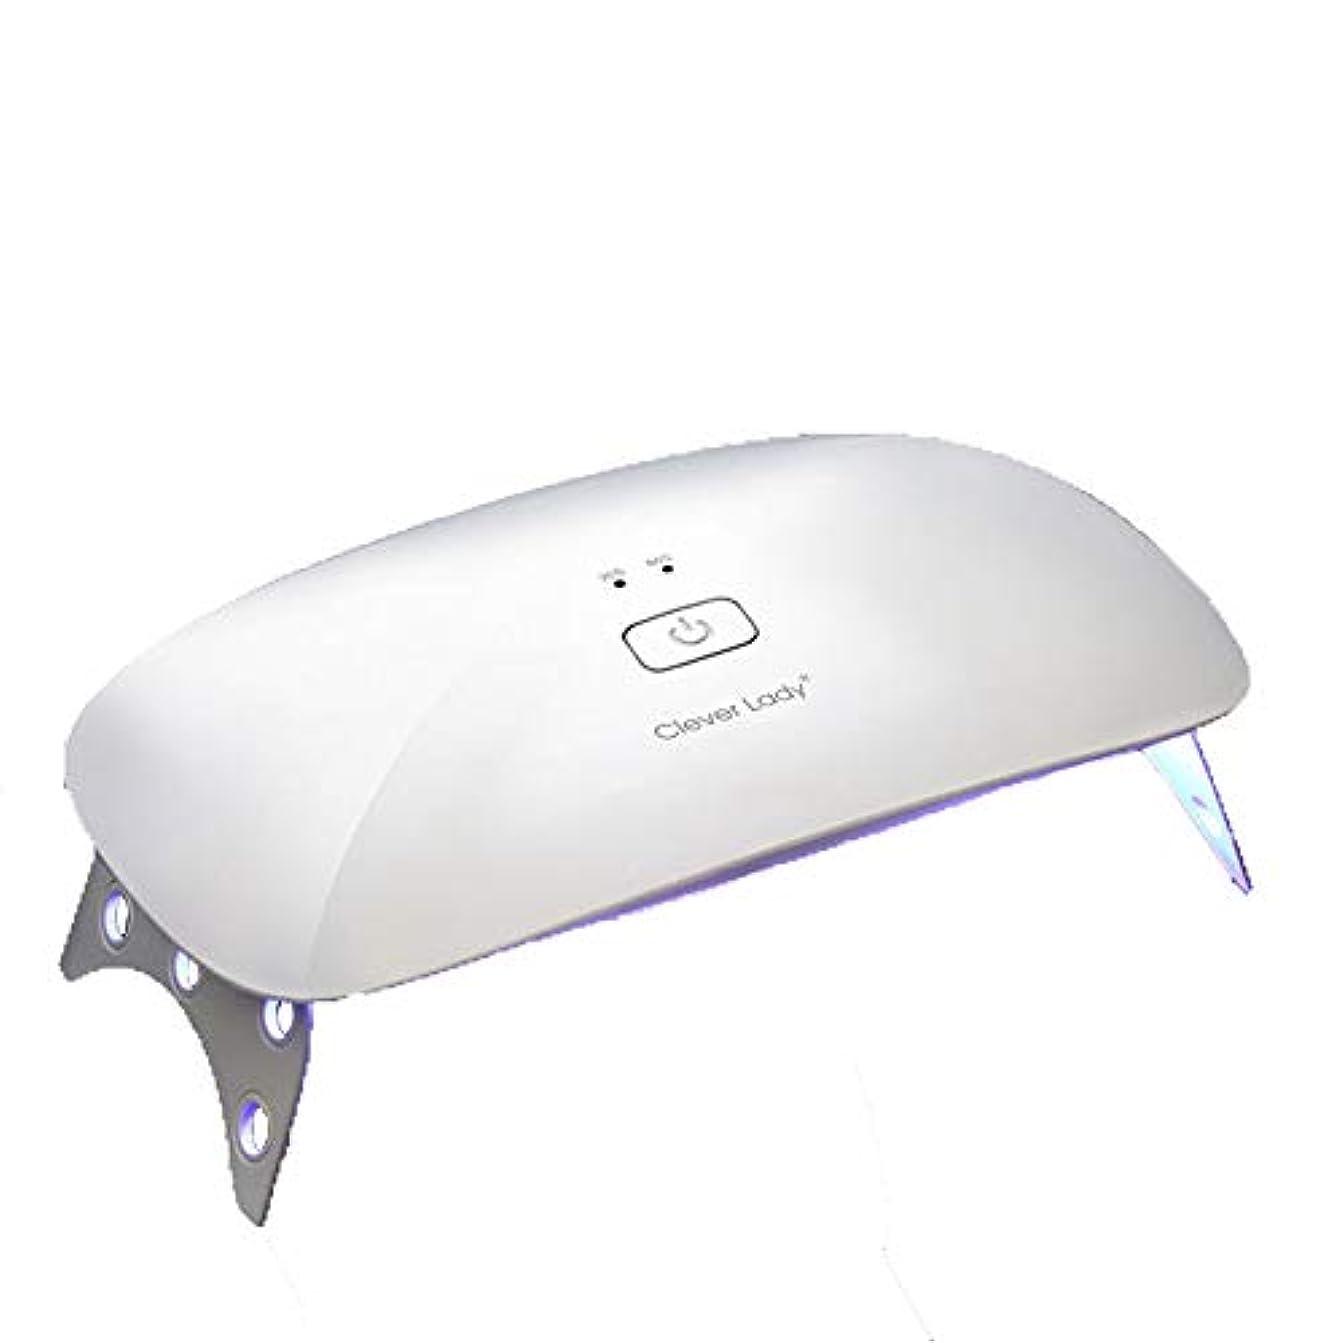 妻置くためにパックパントリーLEDネイル光線療法機、ホームインテリジェント自動誘導ネイル硬化機折りたたみ式クイックドライヤー、ポータブルネイルポリッシャー